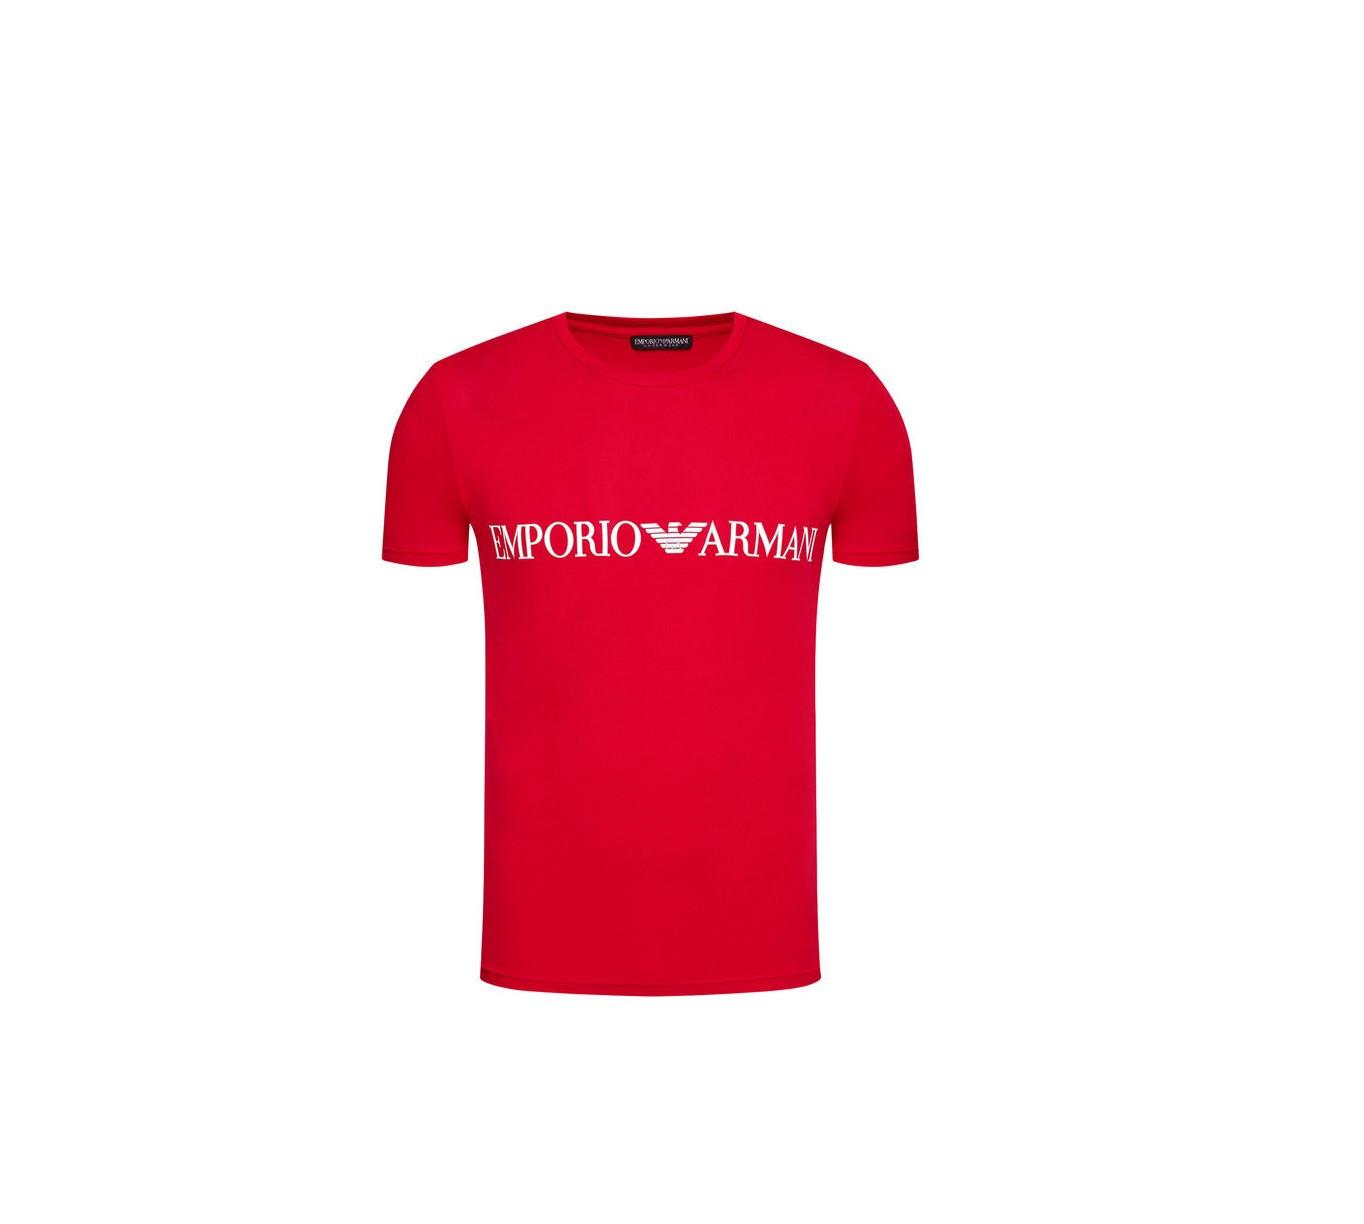 Armani EMPORIO ARMANI pánské červené tričko